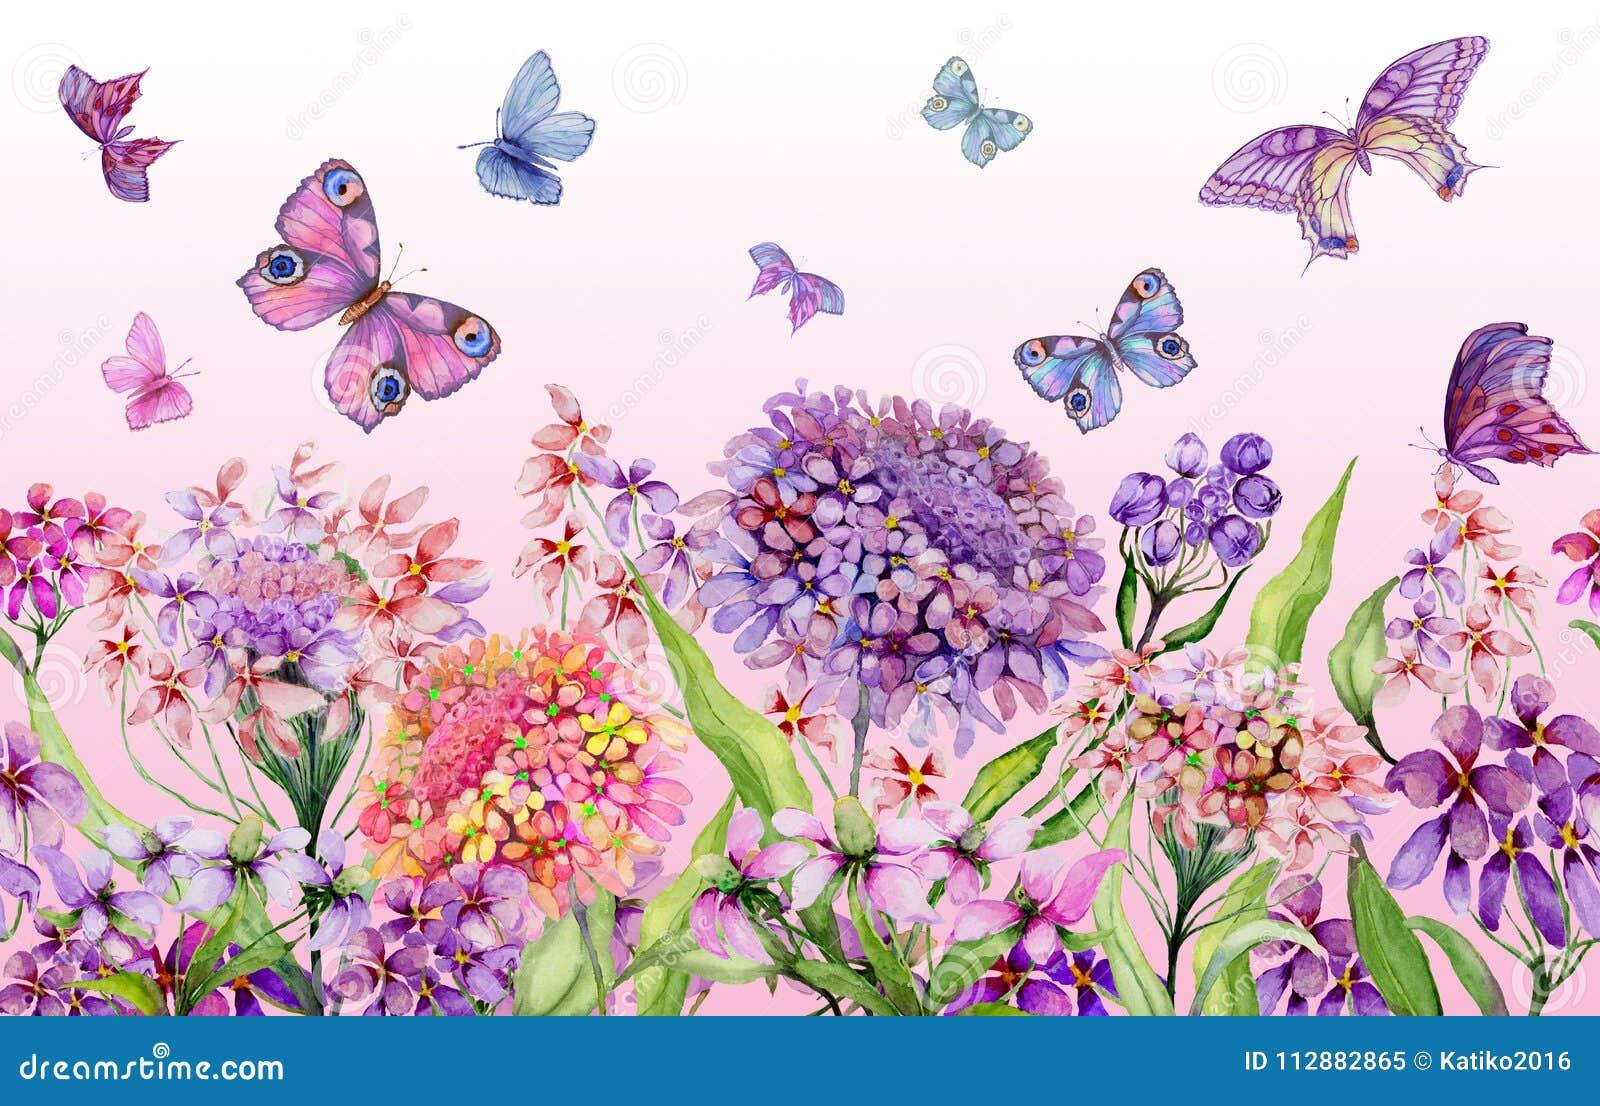 De zomer brede banner Mooie levendige iberisbloemen en kleurrijke vlinders op roze achtergrond Horizontaal malplaatje